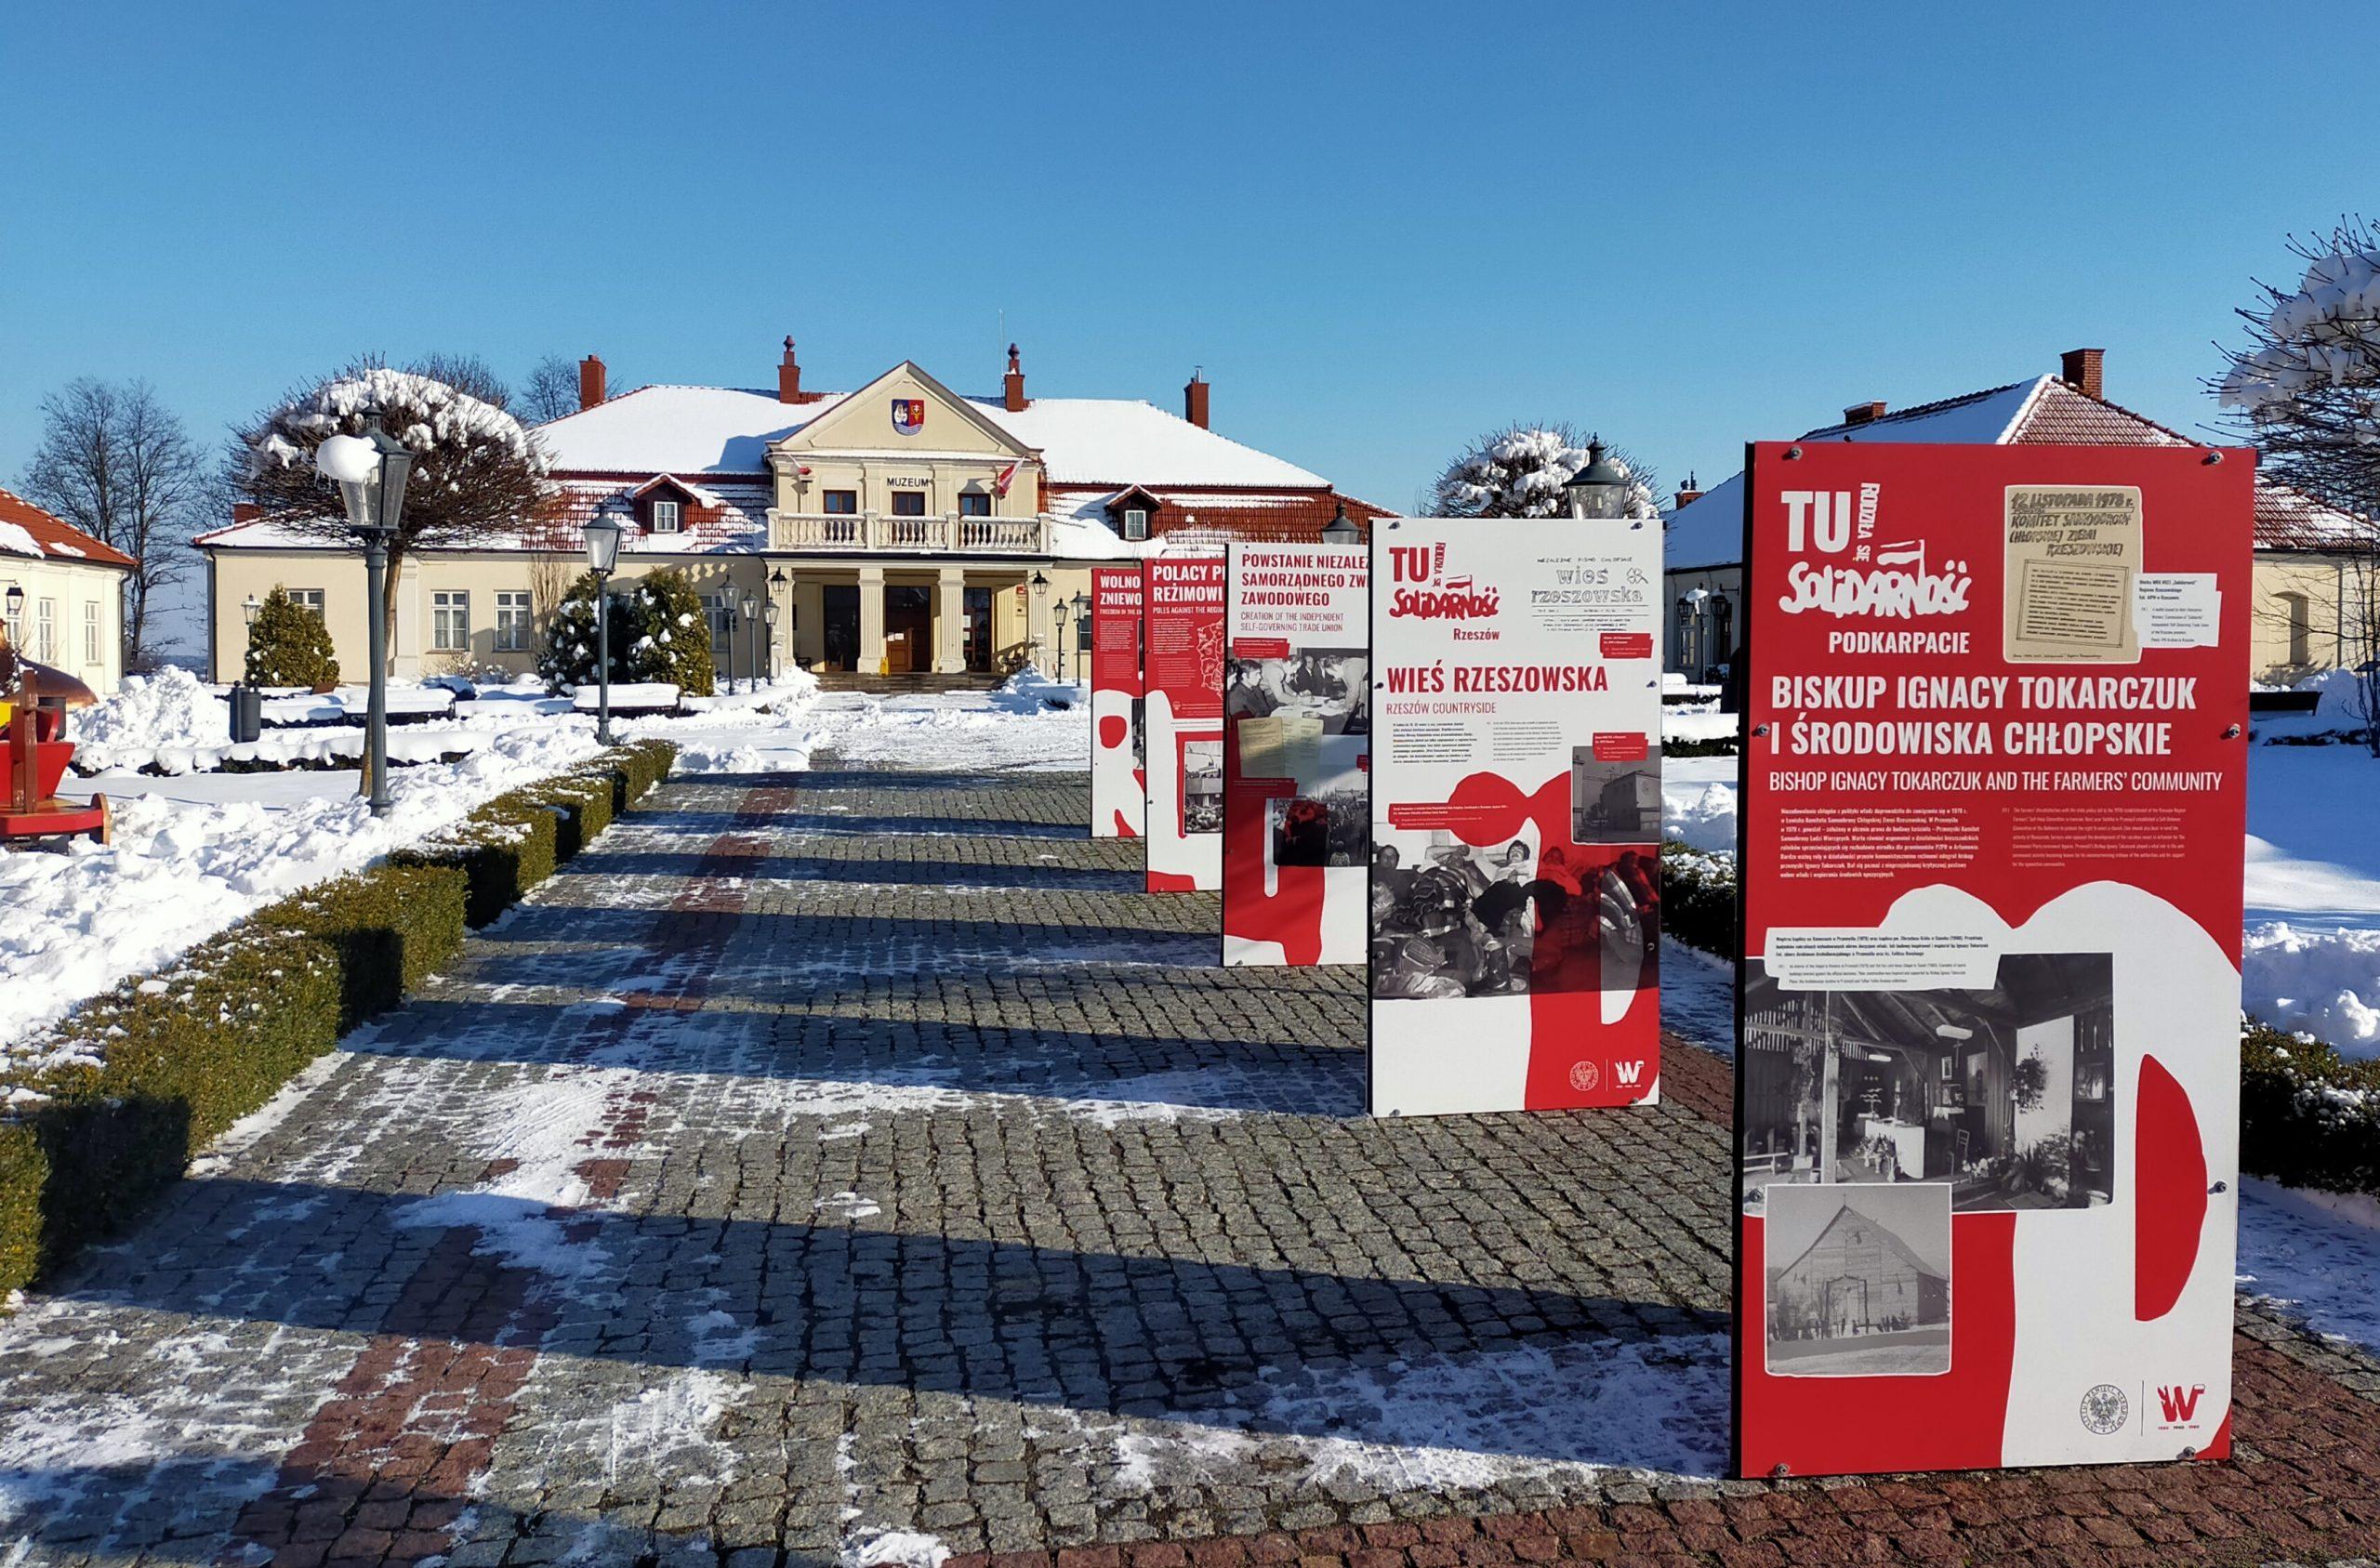 Czerwone plansze z białymi napisami oraz czarno-białymi zdjęciami przedstawiające chronologicznie wydarzenia związane z tematyką wystawy. Plansze ustawione są wzdłuż chodnika prowadzącego do głuwnego wejścia muzeum od strony ulicy Mickiewicza. W tle budynek muzeum.